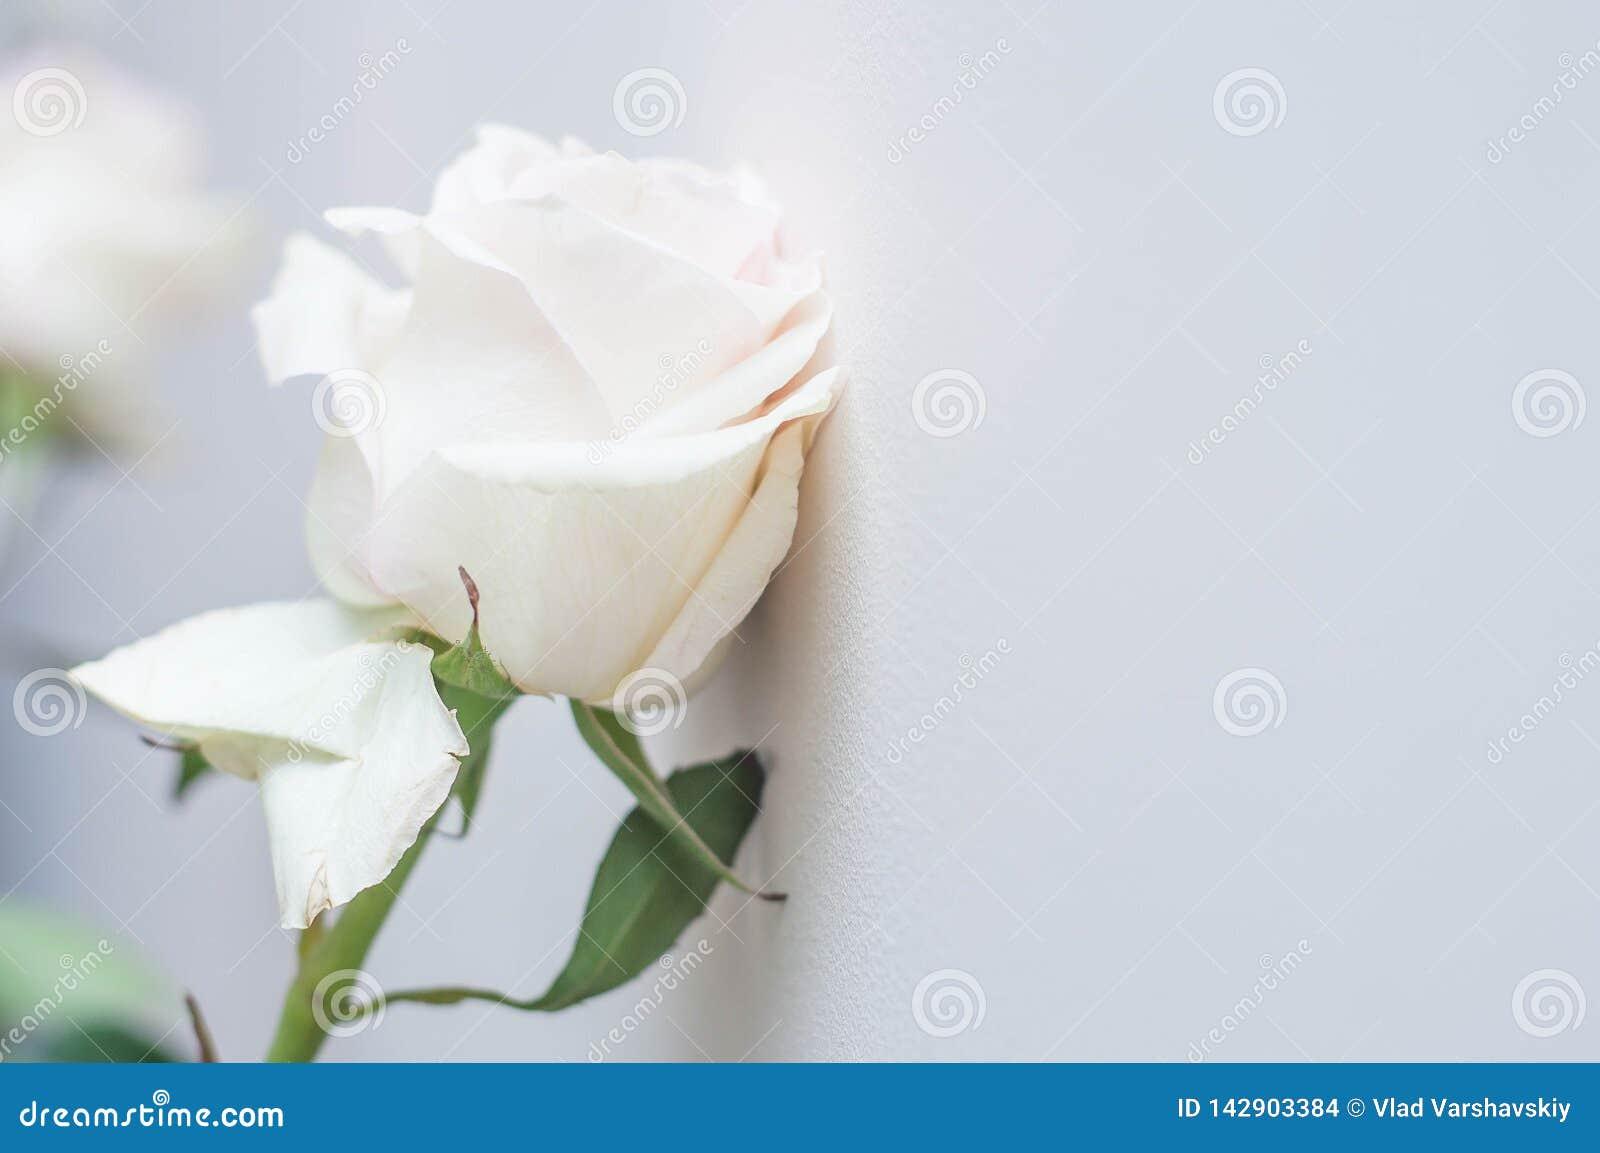 剥皮在白色墙壁的一朵白色玫瑰色花作为坏关系、分离和恶劣的悟性的标志